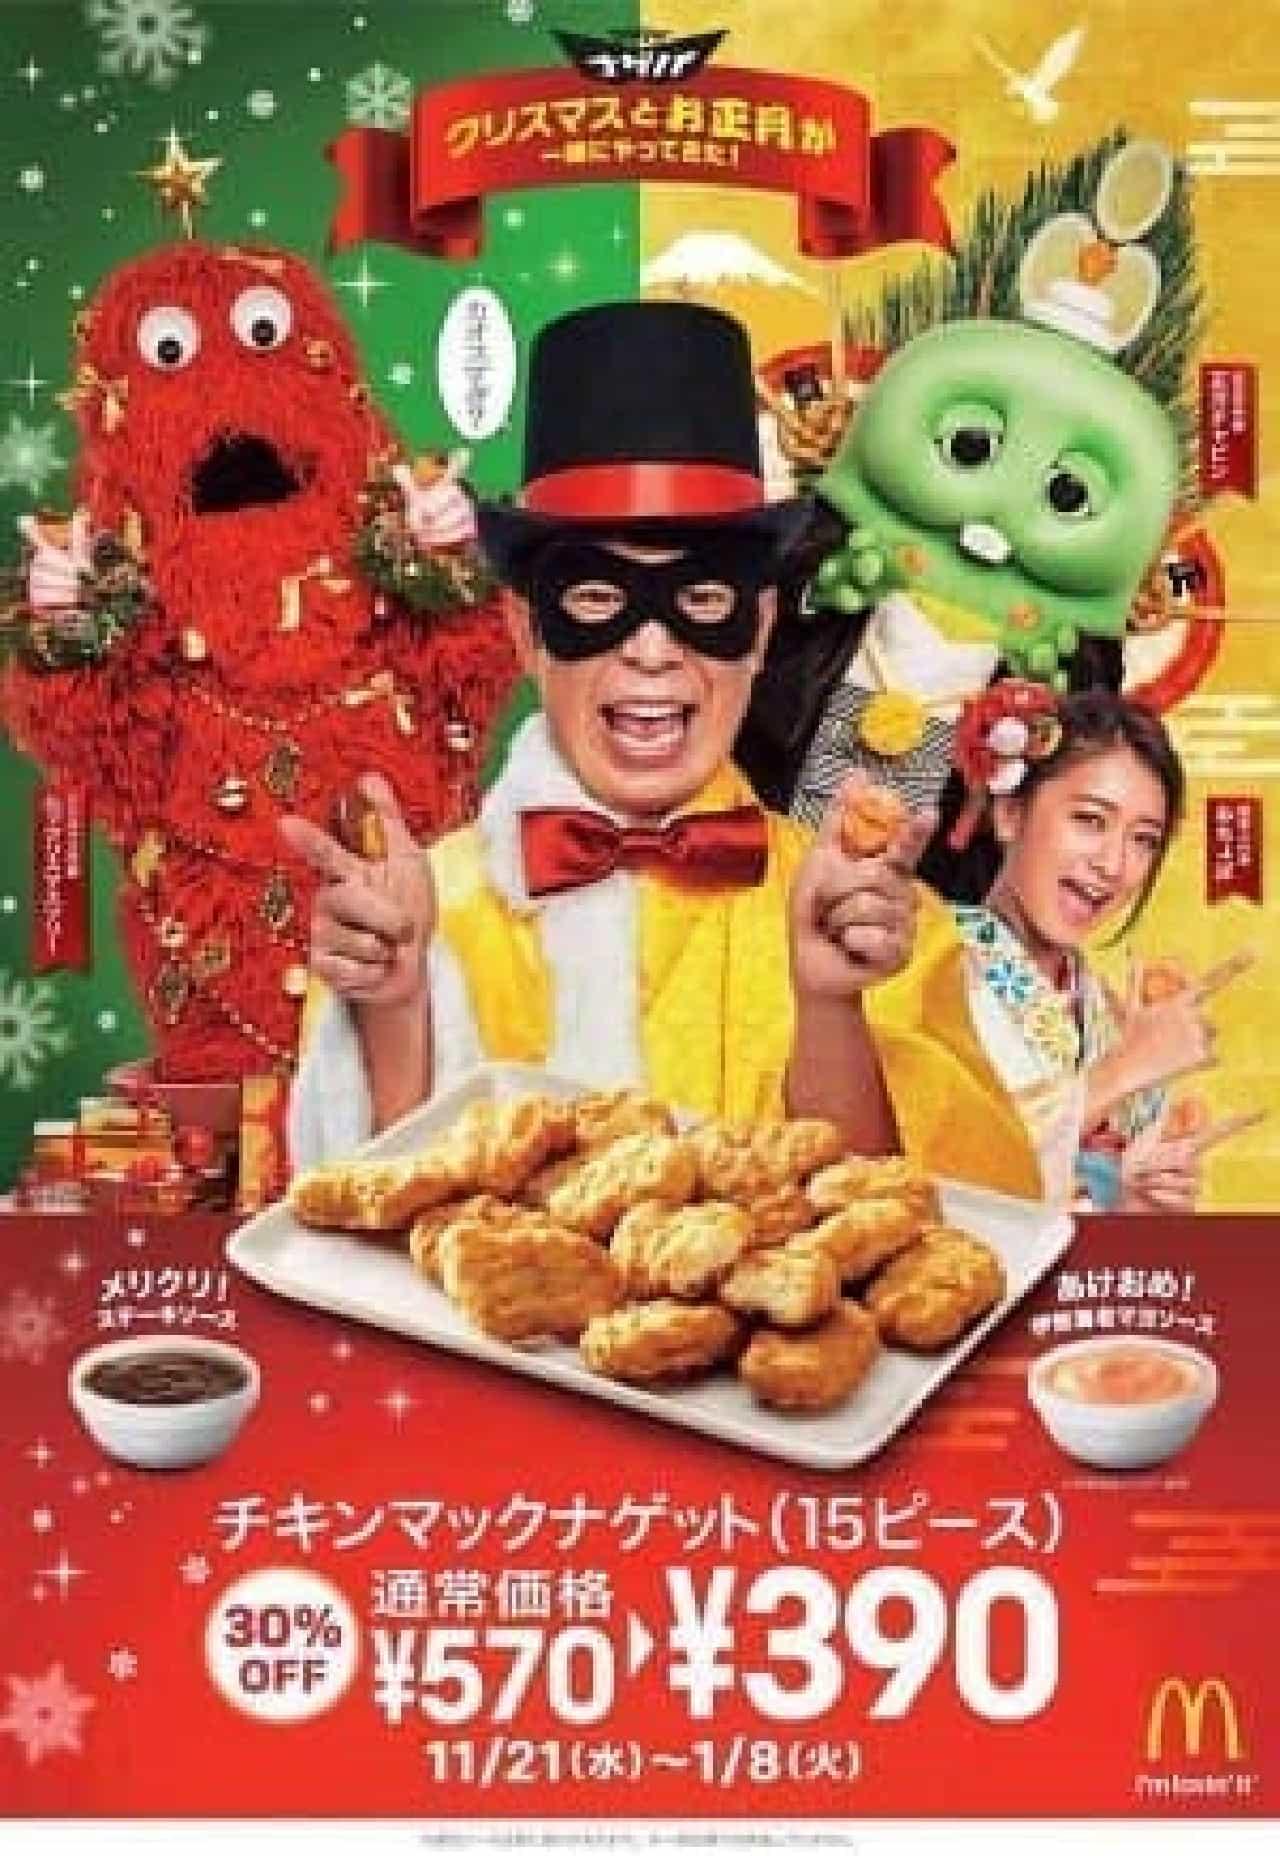 チキンマックナゲット「メリクリ!ステーキソース」と「あけおめ!伊勢海老マヨソース」